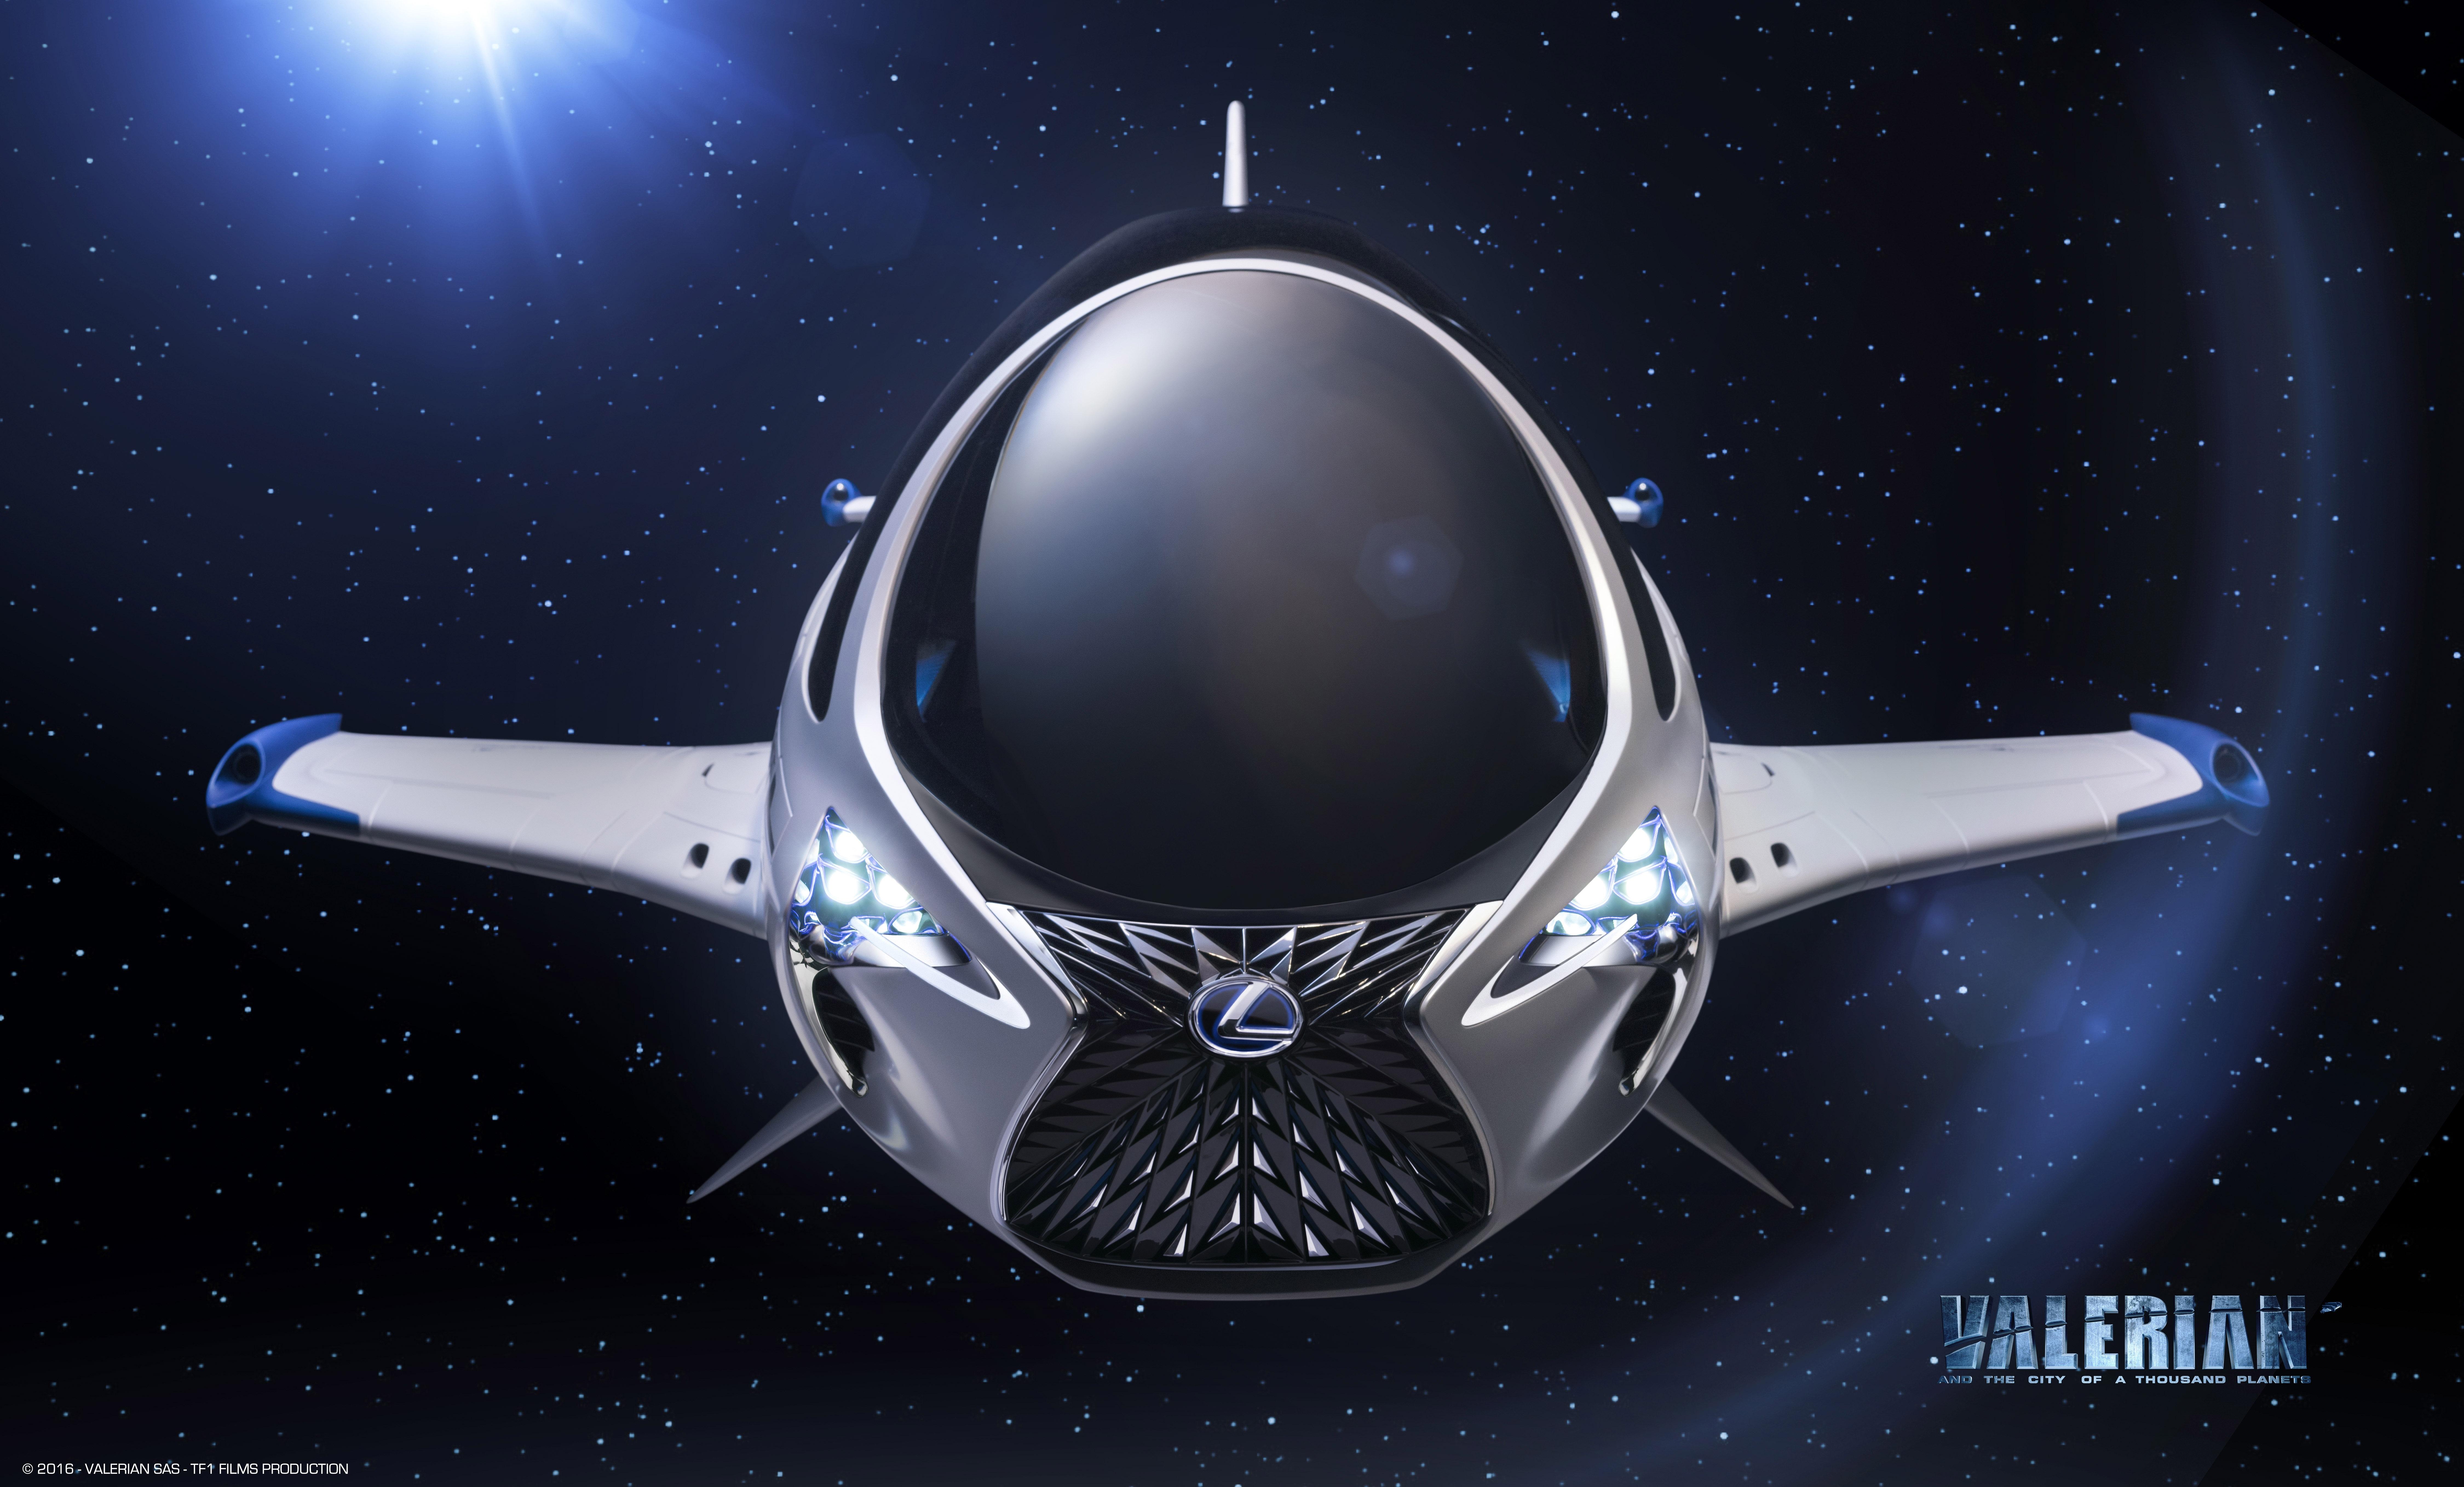 [Image: S0-lexus-dessine-le-vaisseau-spatial-de-...390546.jpg]